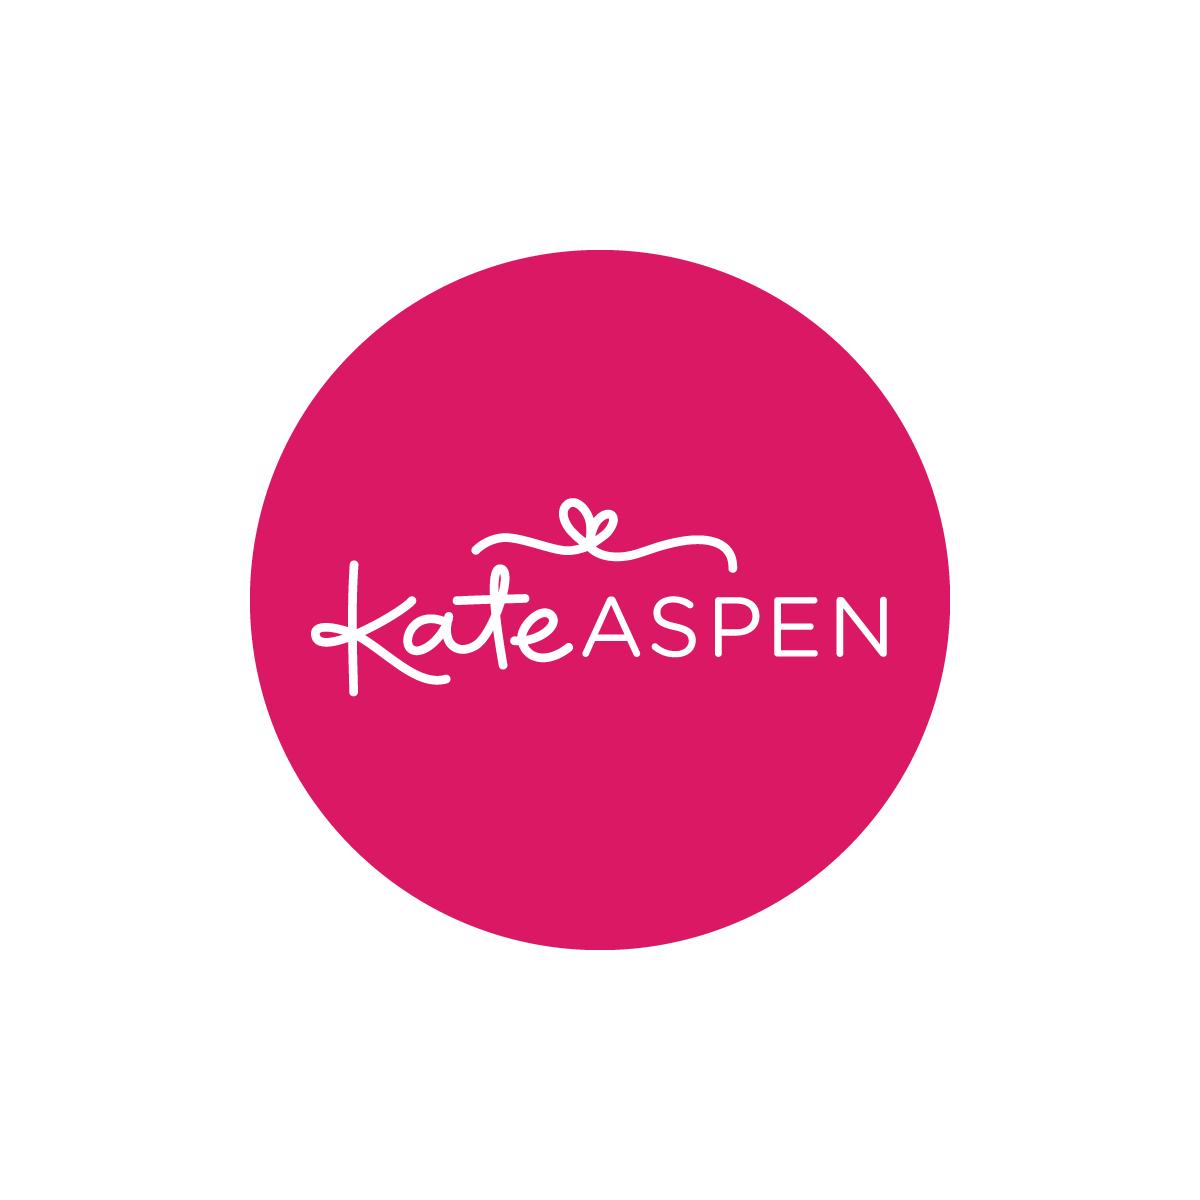 Kate Aspen & Baby Aspen